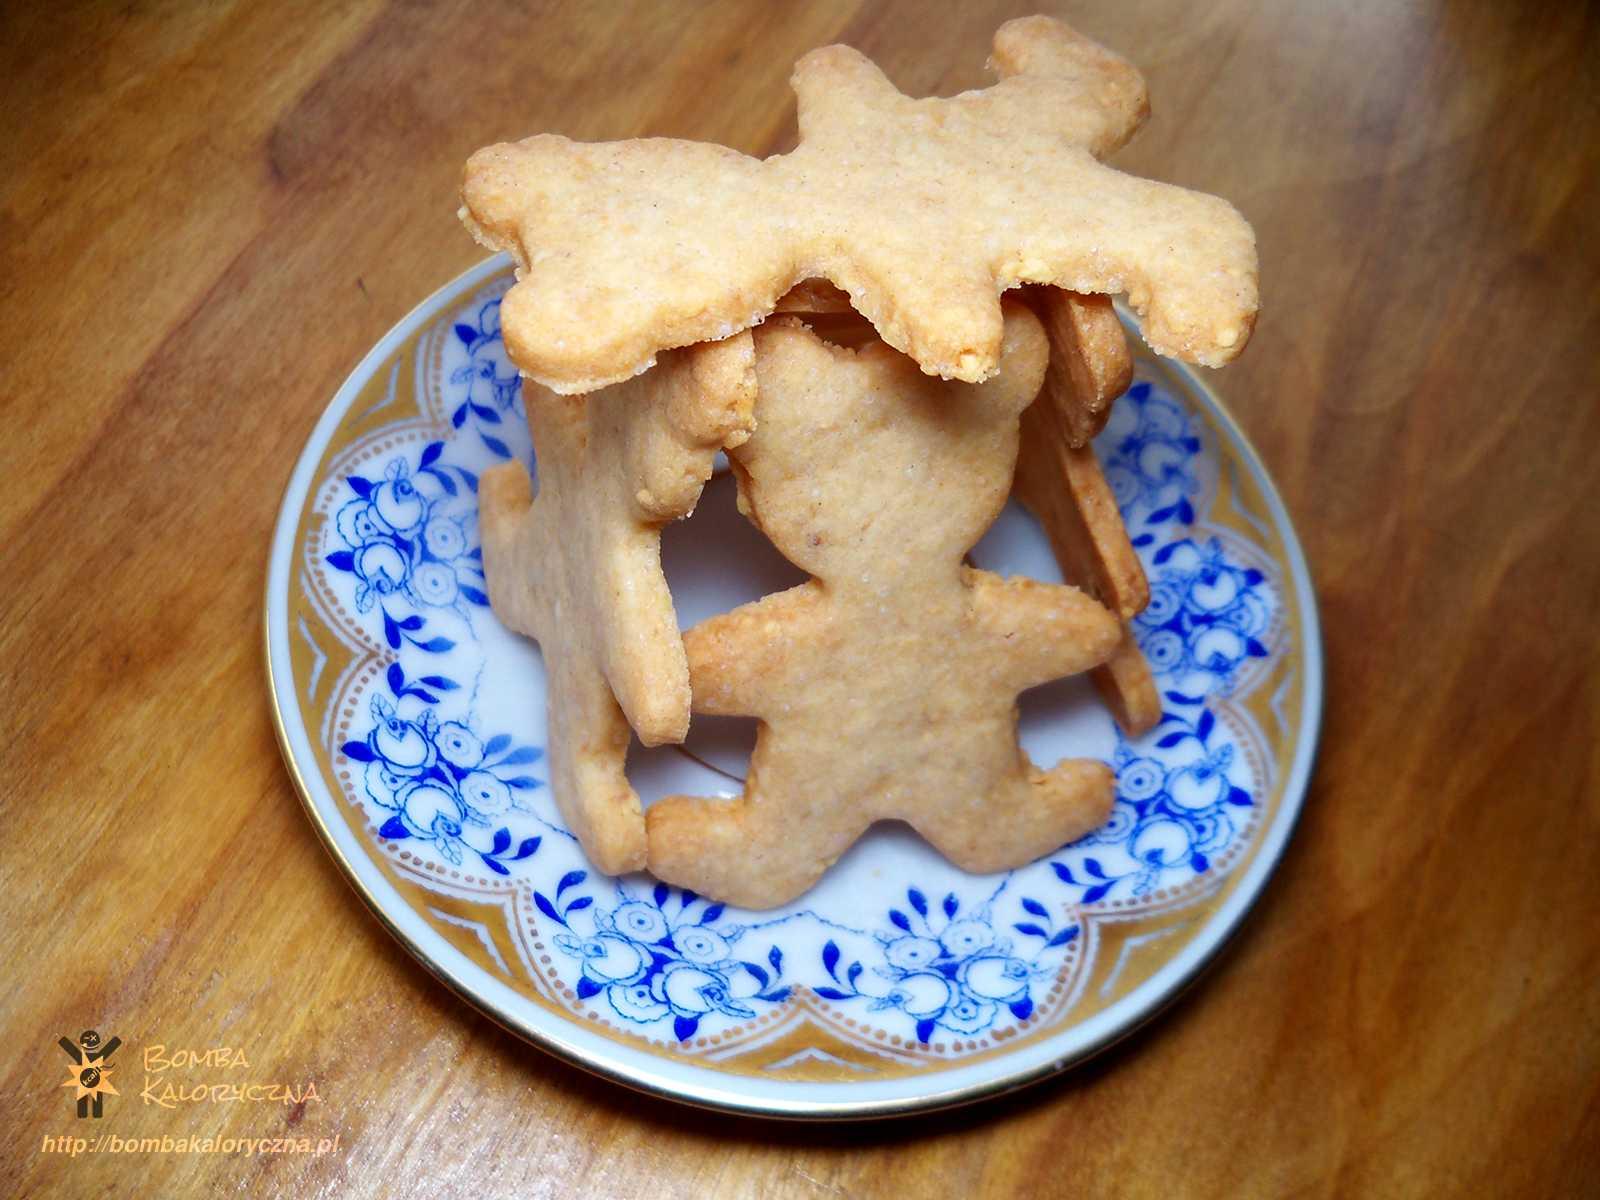 Ciasteczka orzechowe zorzeszkami ziemnymi